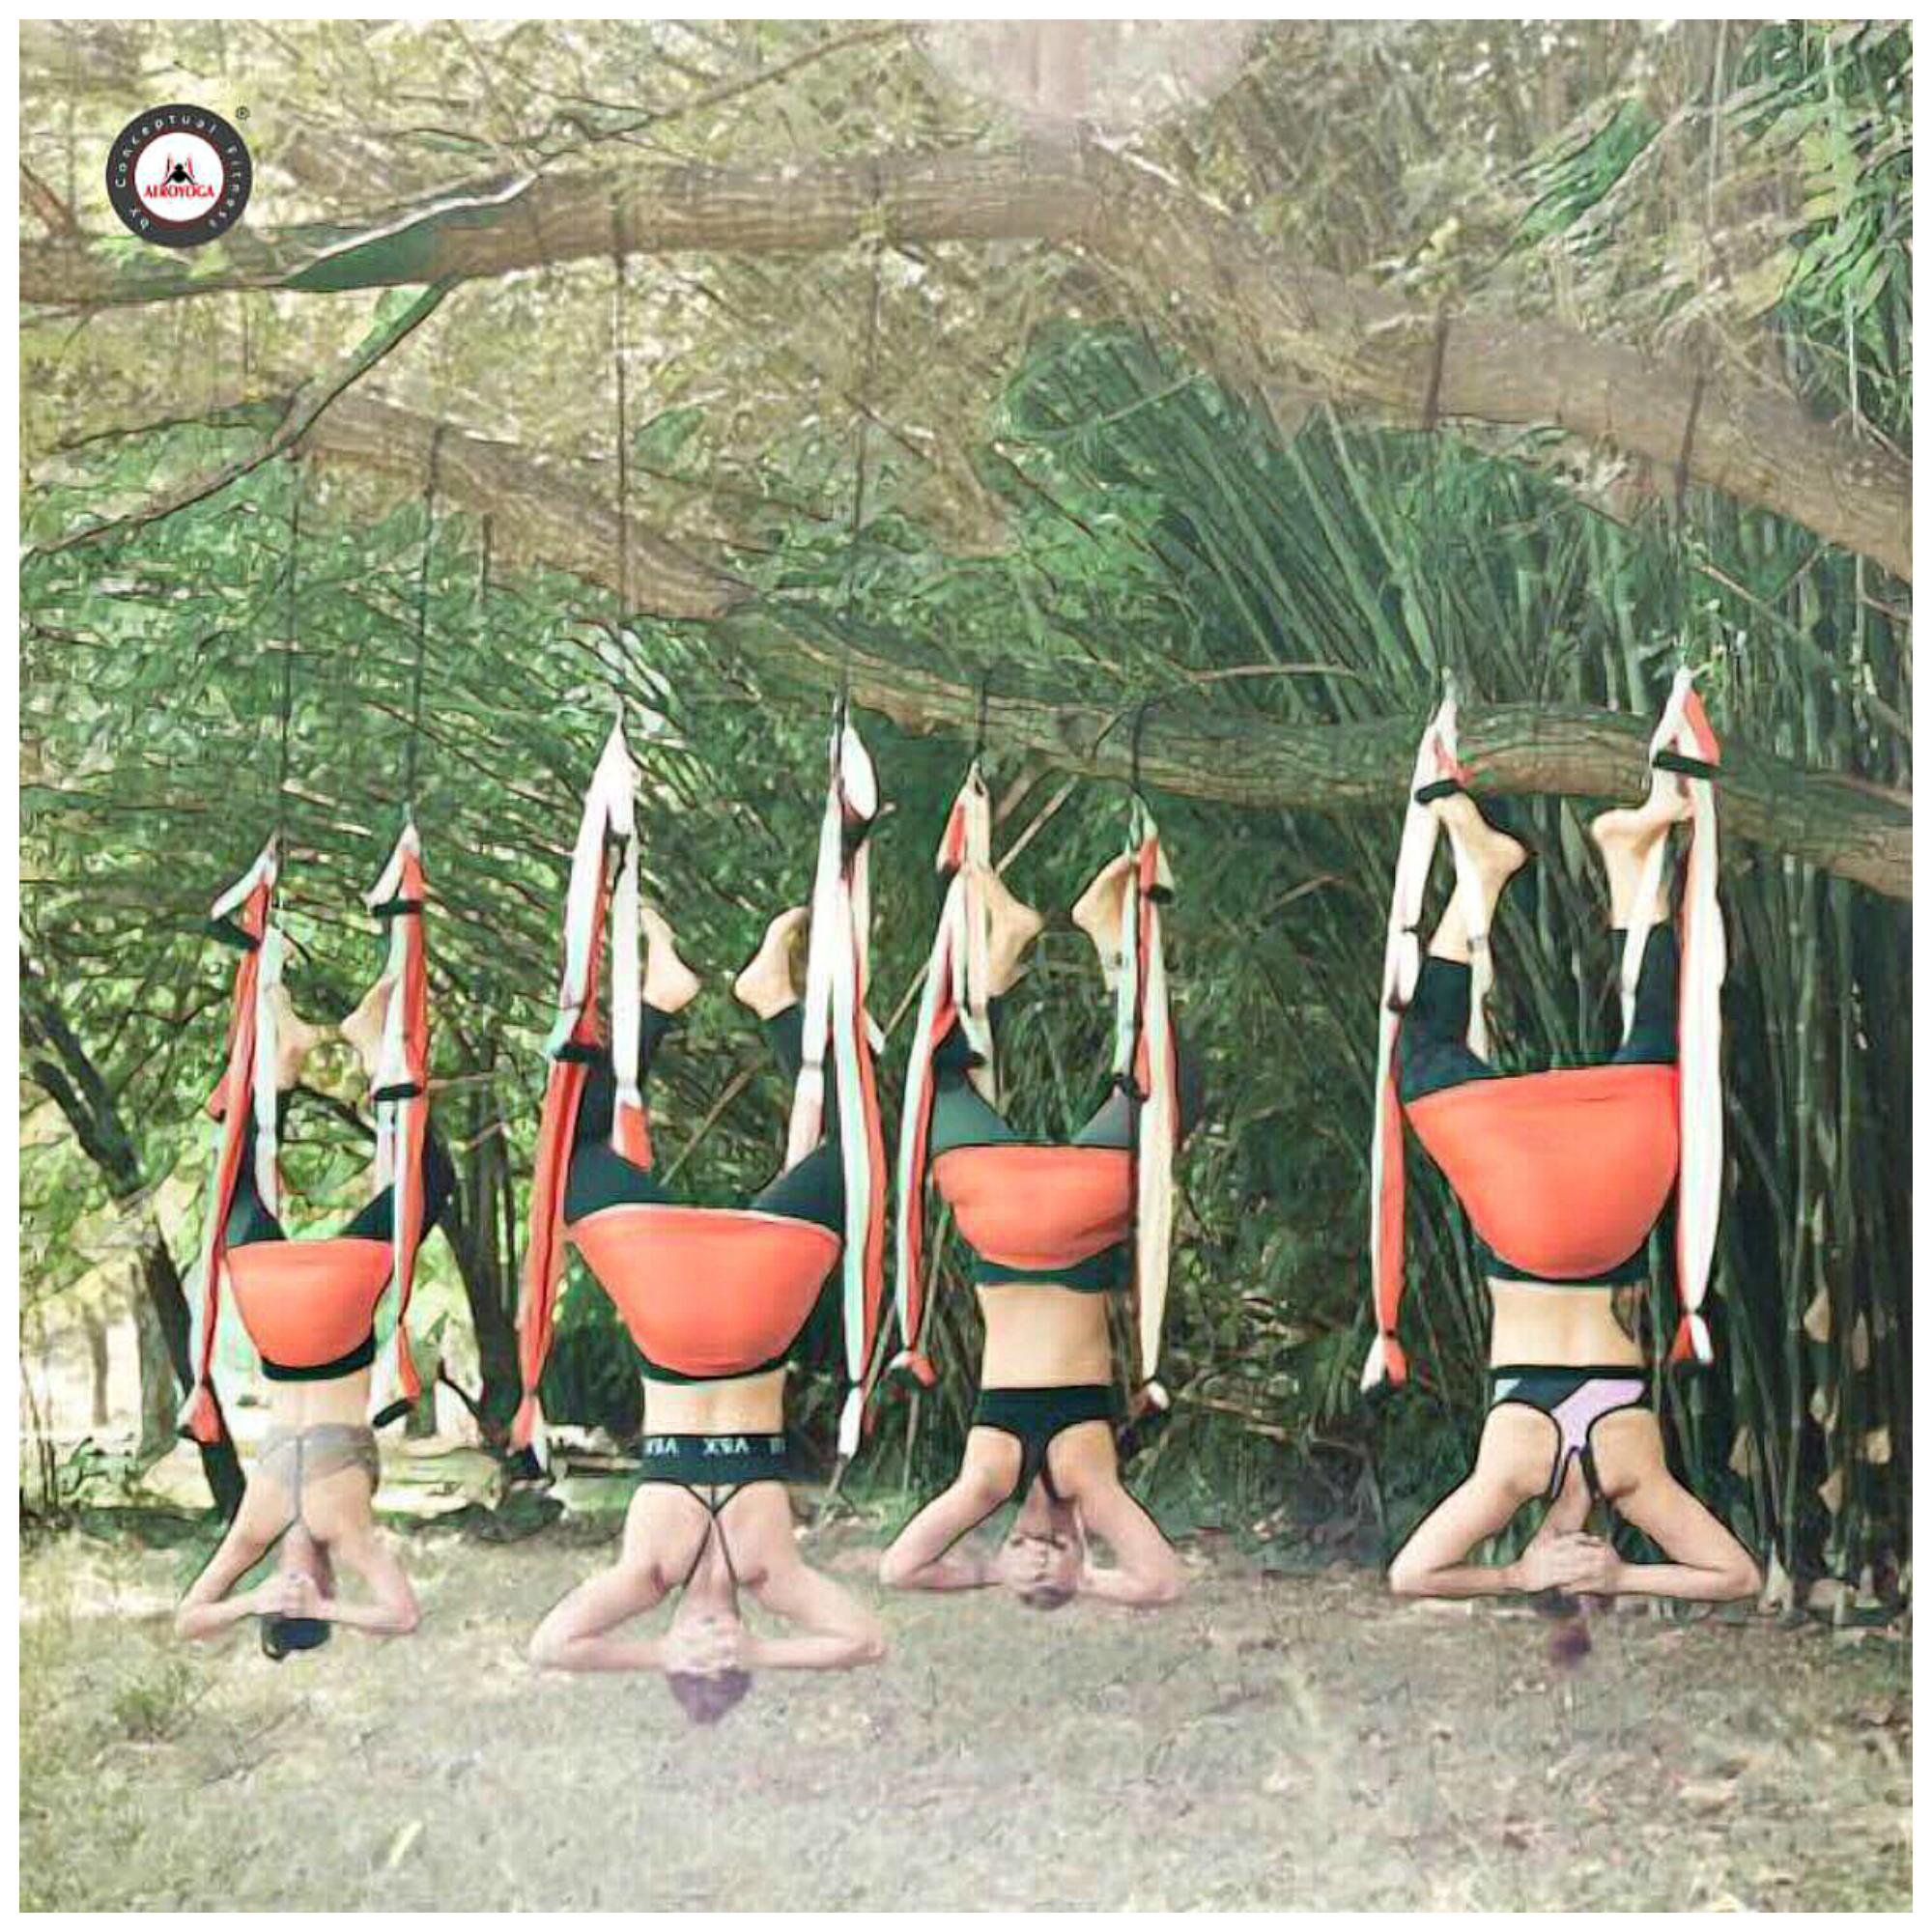 Certificación Yoga Aéreo, El AeroYoga ® Podría Ayudar a Prevenir la Gastritis. Salud, Wellness y Bienestar